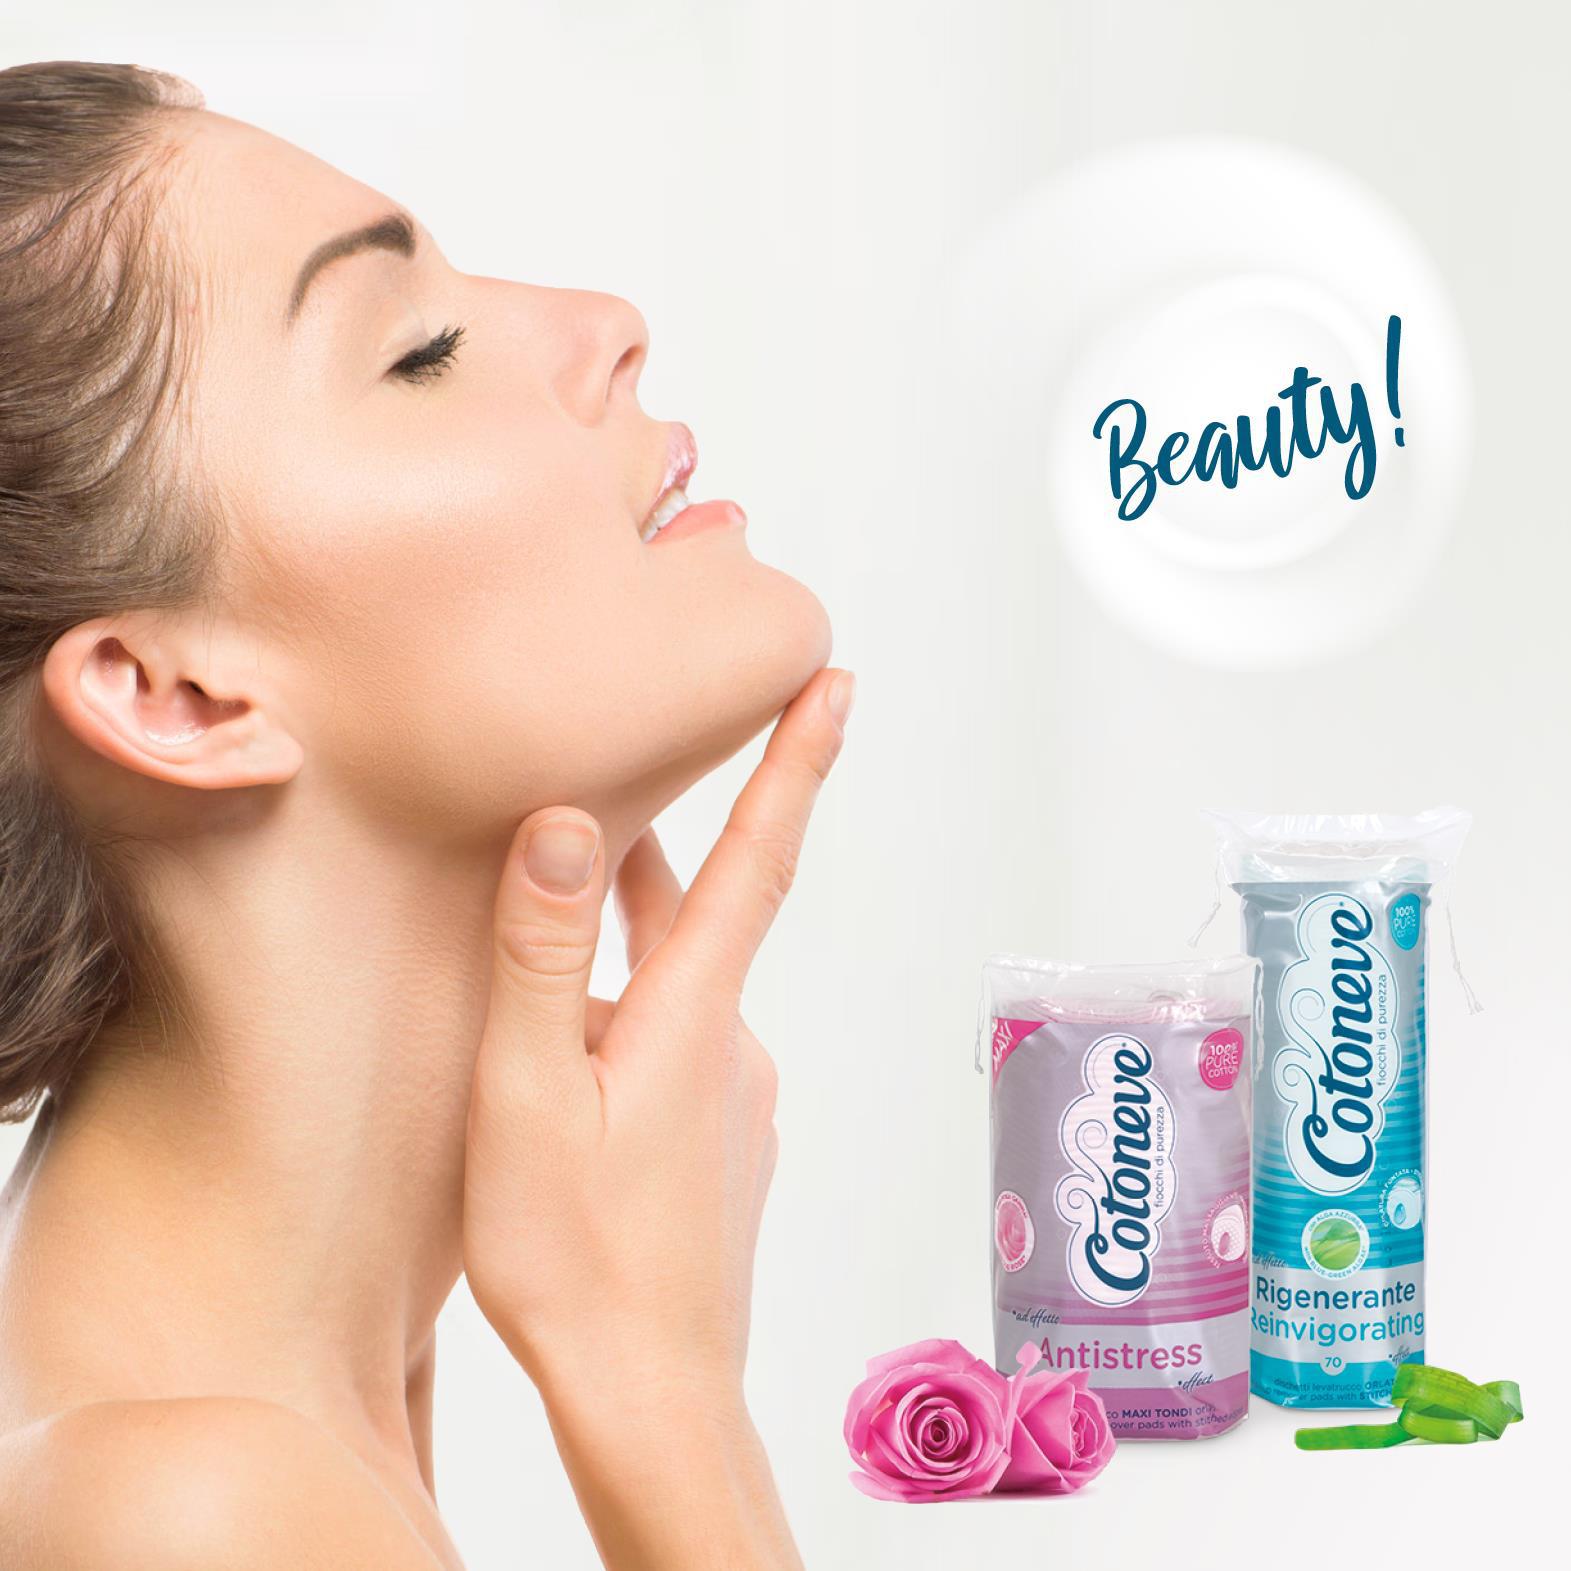 Hiểu về làn da để chăm sóc da mụn, nhạy cảm và khô đúng cách - Ảnh 3.